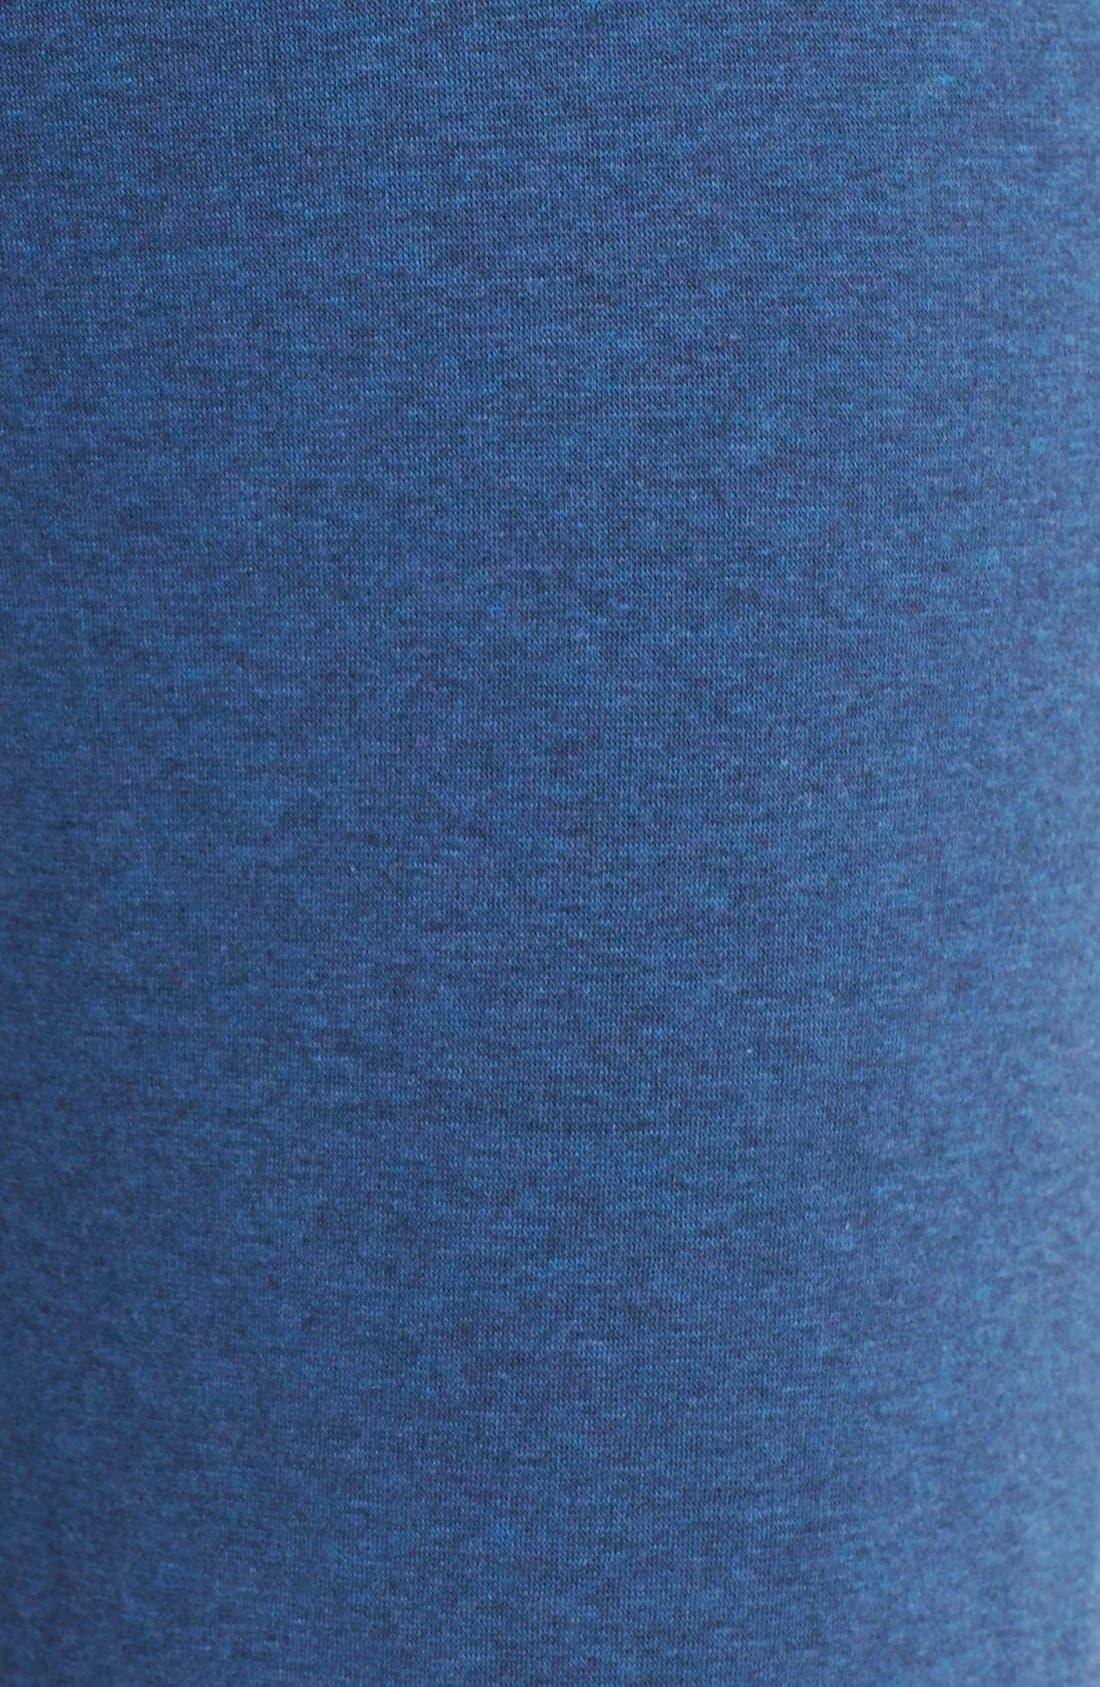 'Collins' Double Knit Pants,                             Alternate thumbnail 45, color,